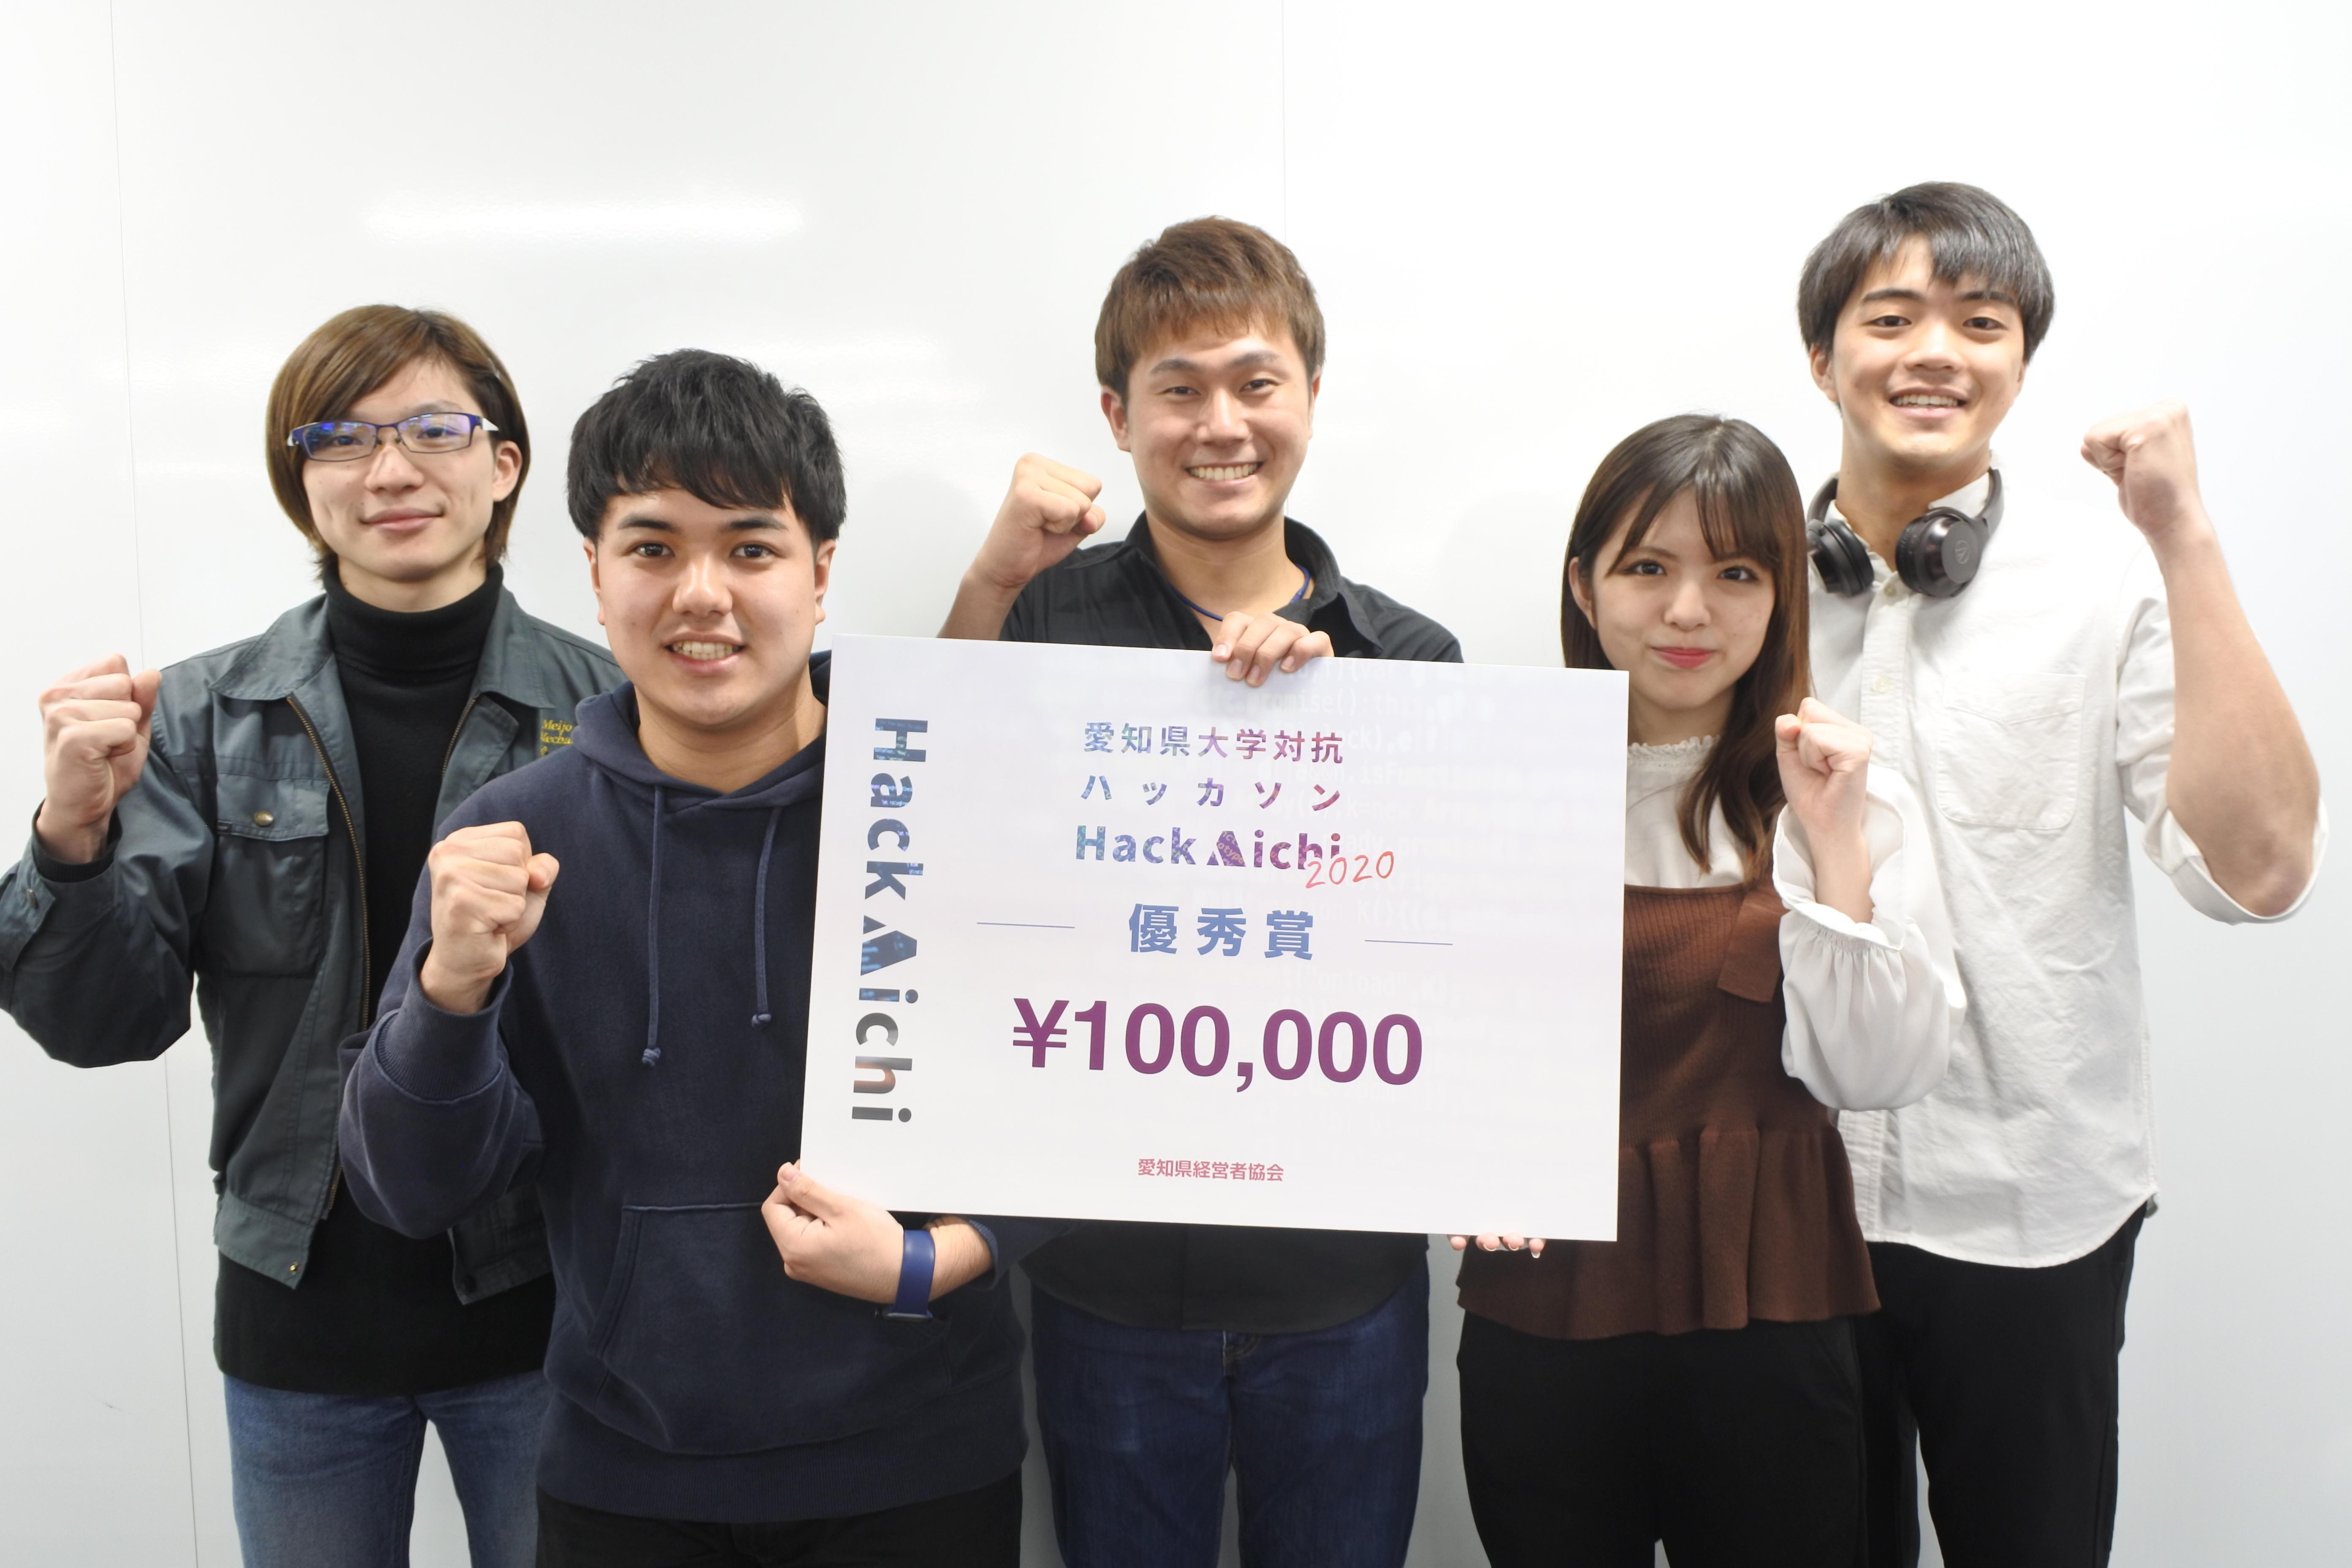 受賞メンバー(左から)湊谷さん、岡﨑さん、髙尾さん、前澤さん、千名さん